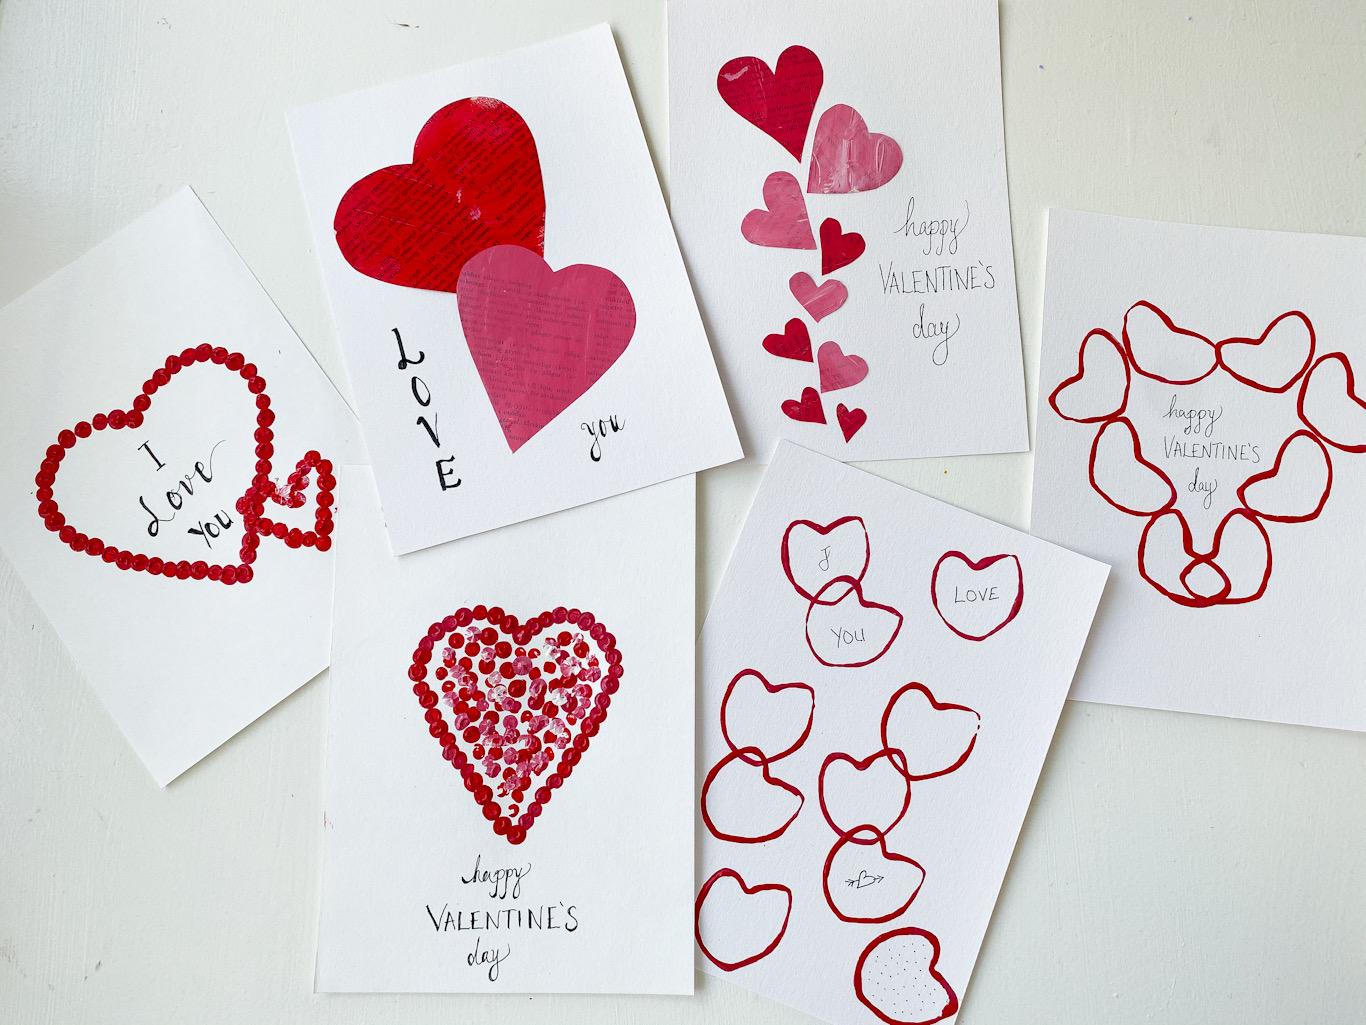 Alla hjärtans dags kort